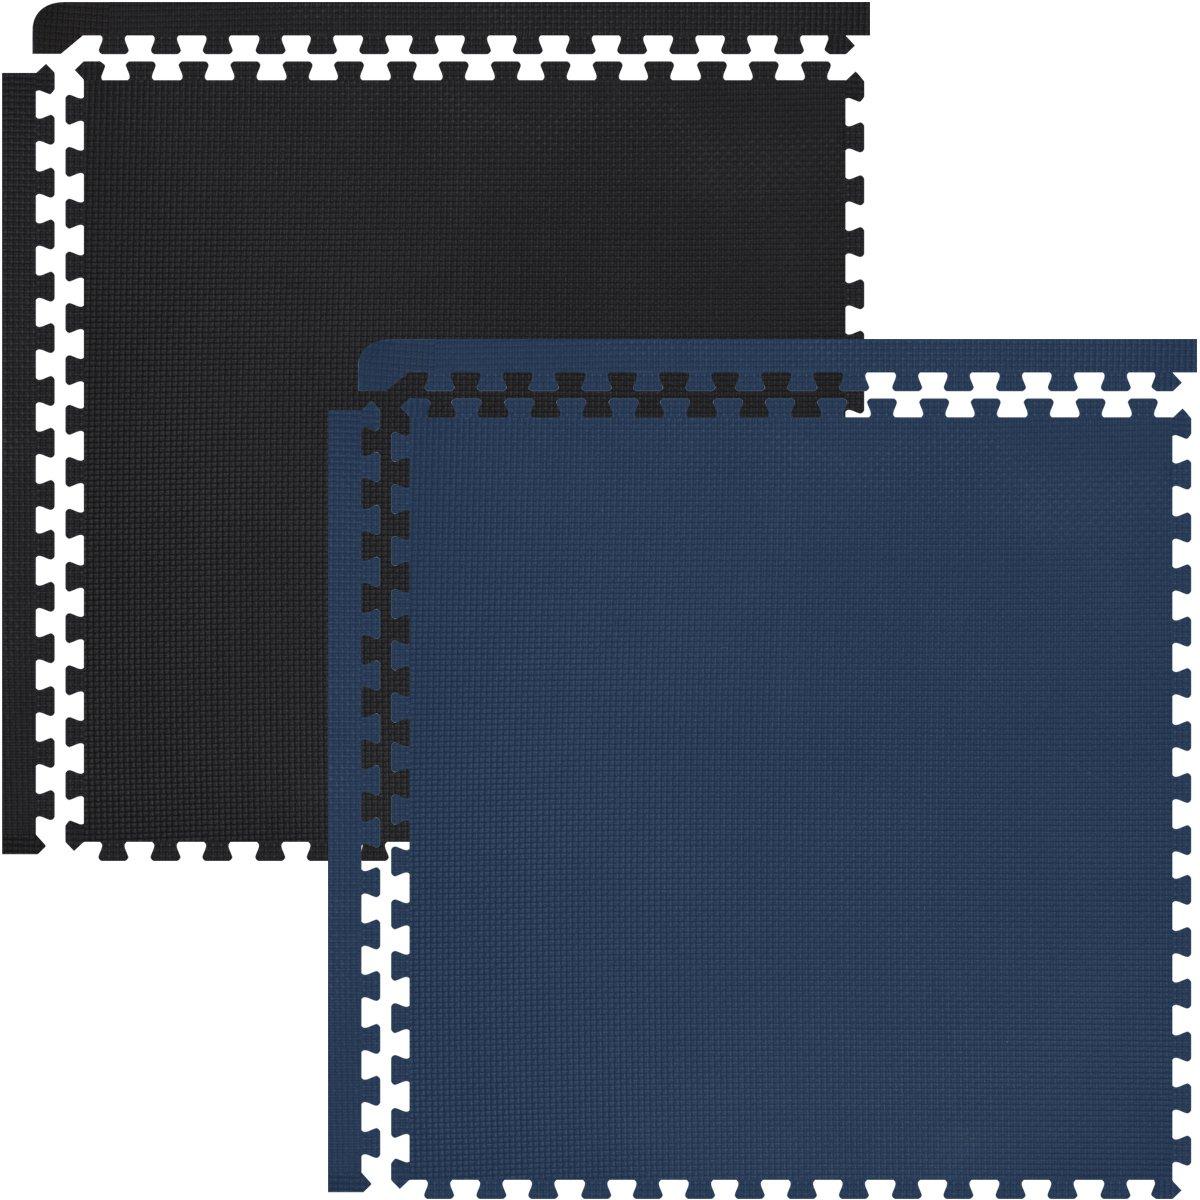 【高価値】 FIELDOOR/ トレーニング エクササイズ用ジョイントマット 防音 キズ防止 B01MU0IFUB【O】ブラック×ネイビー// B01MU0IFUB 1cm厚 48枚【O】ブラック×ネイビー/ 1cm厚 48枚, ママのほっぺ:35a40e2f --- arianechie.dominiotemporario.com